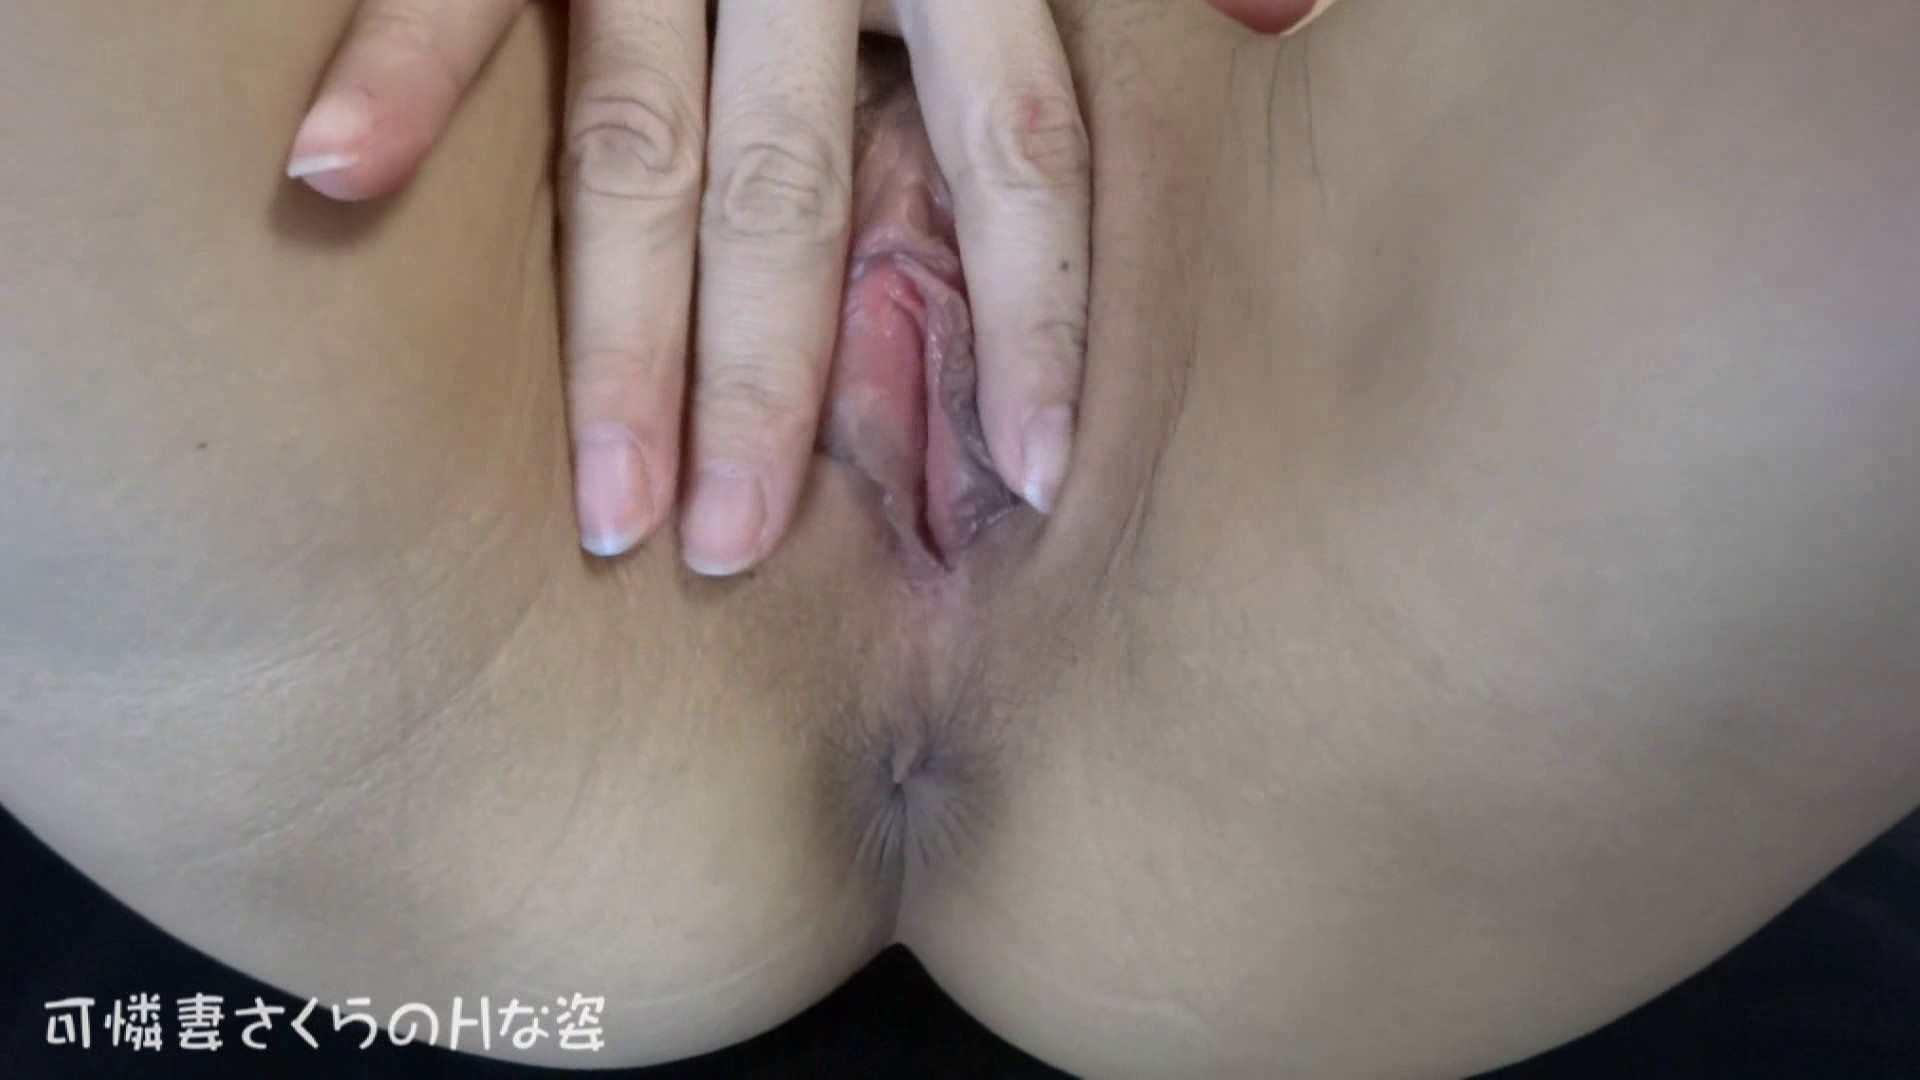 可憐妻さくらのHな姿vol.27 巨乳デカ乳 | OL裸体  77画像 52